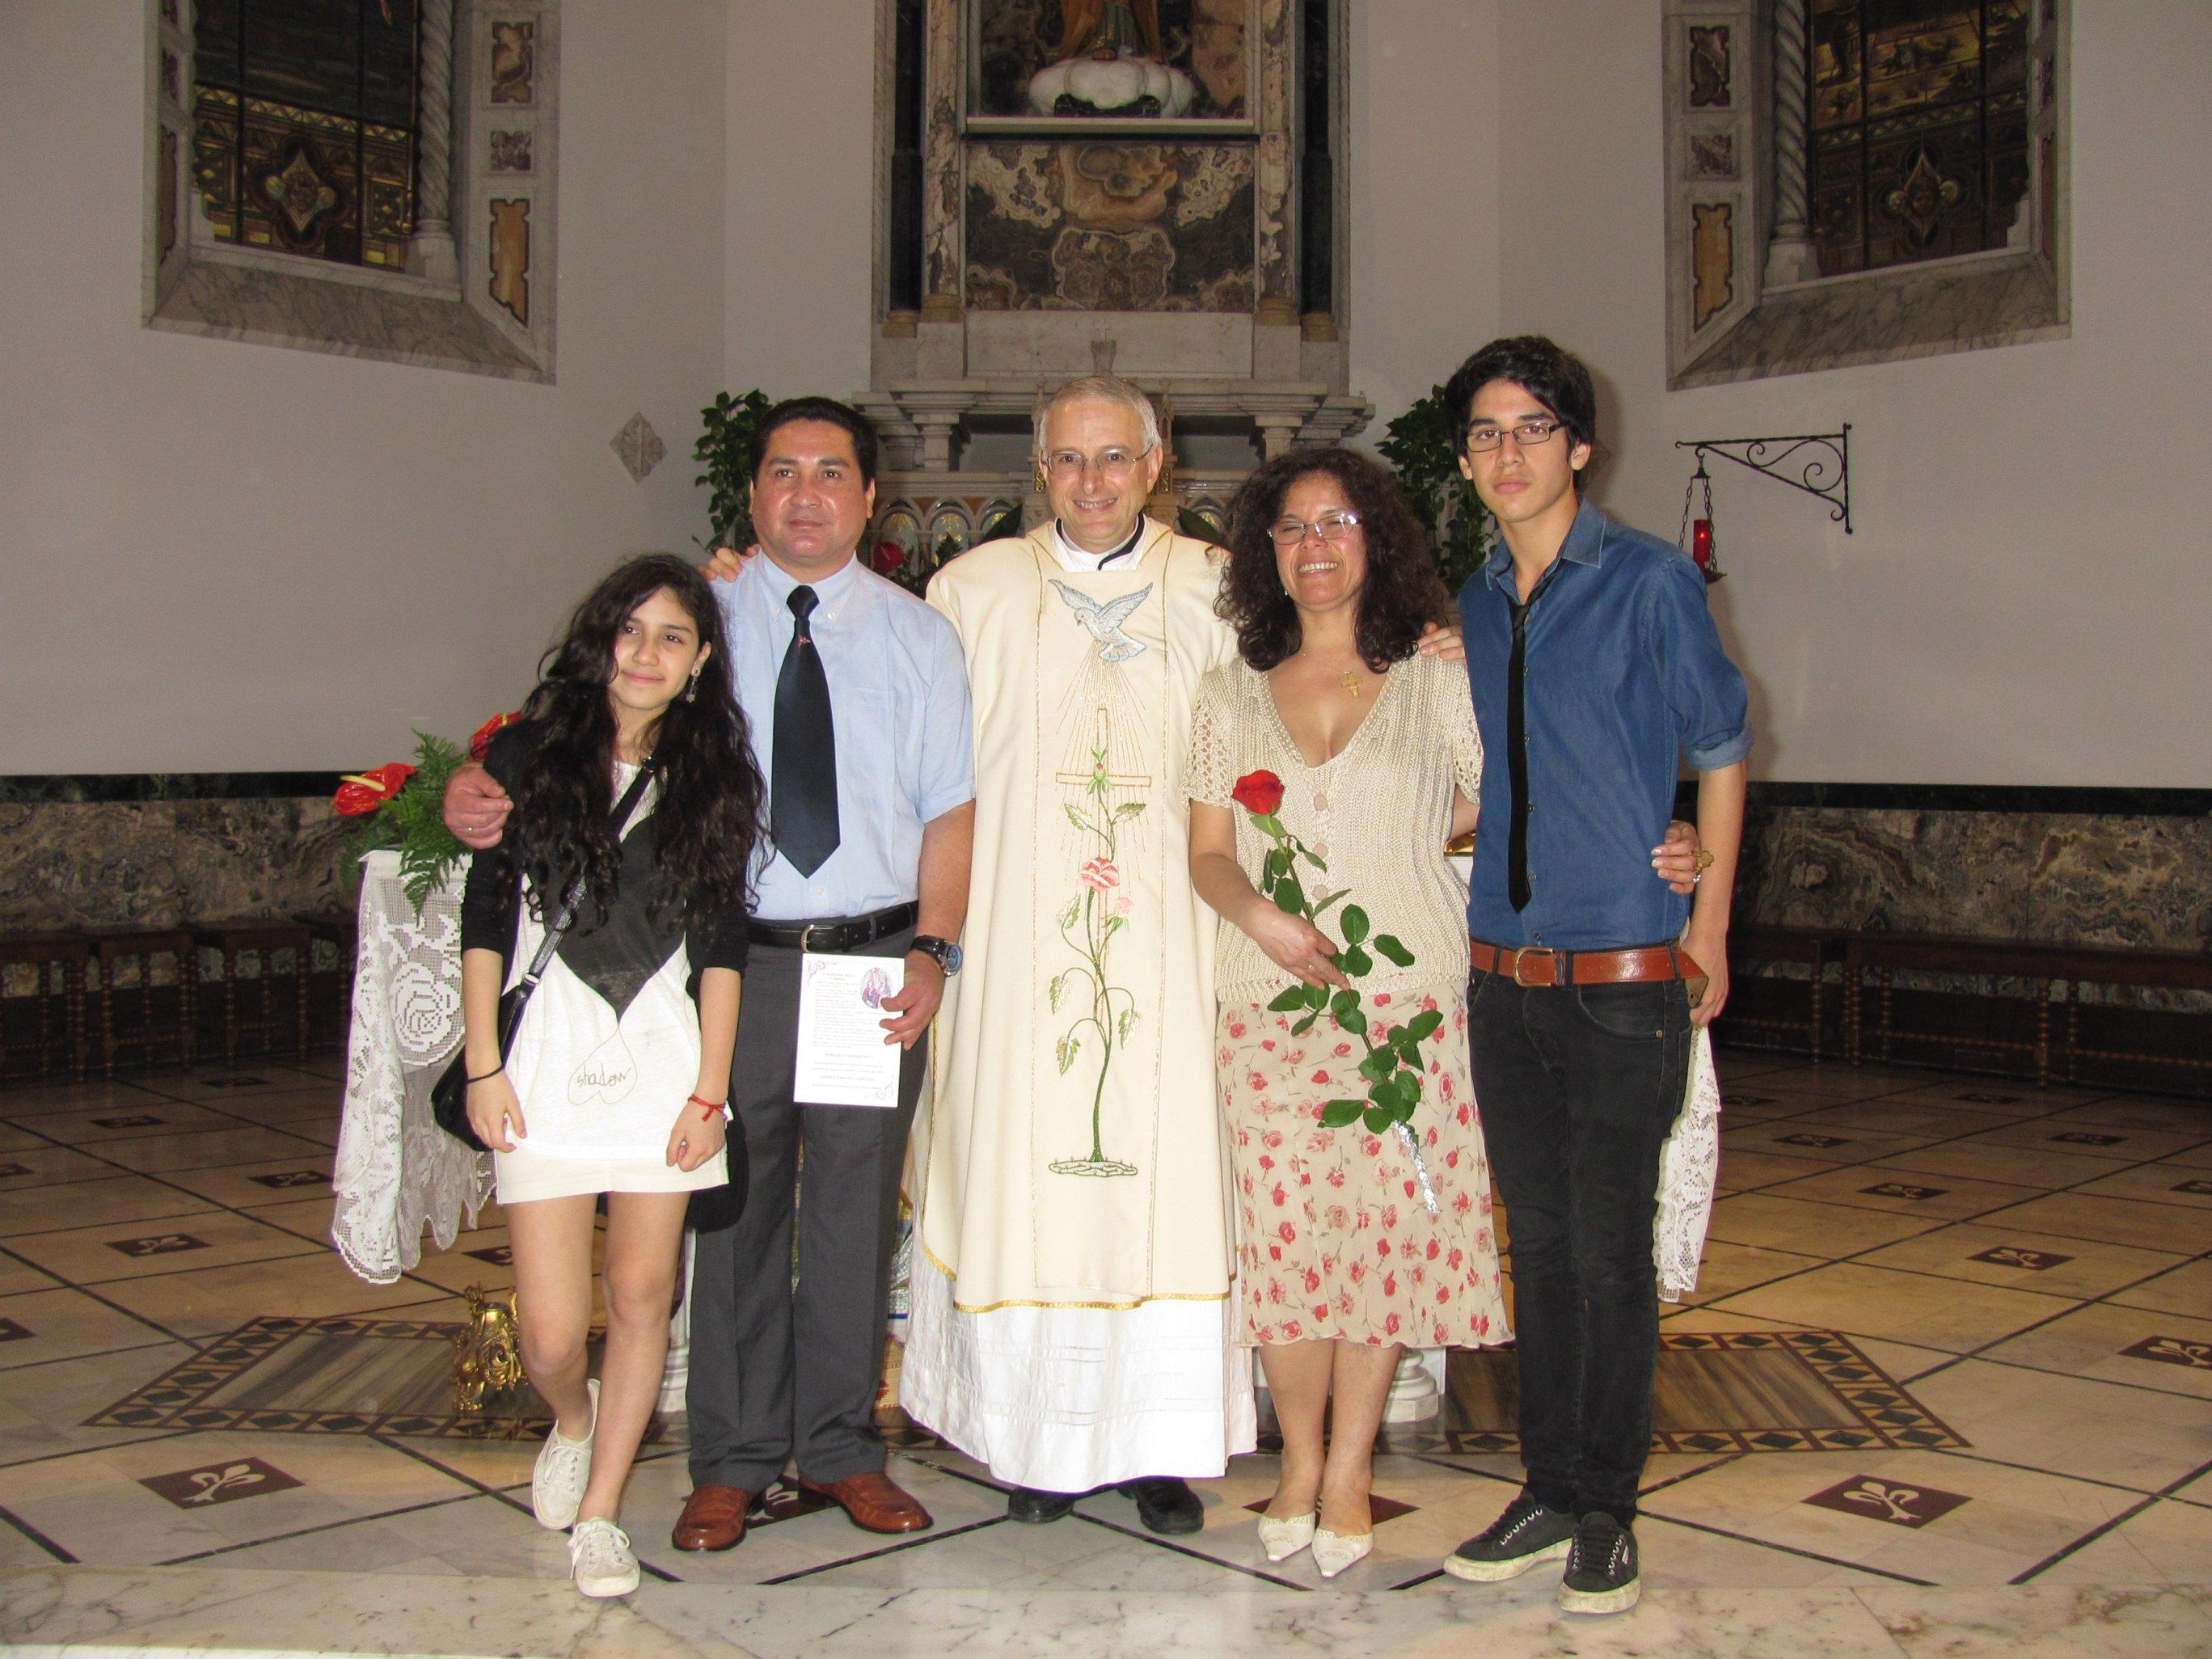 anniversari_di_matrimonio_e_di_ordinazione_2012-06-03-11-33-36